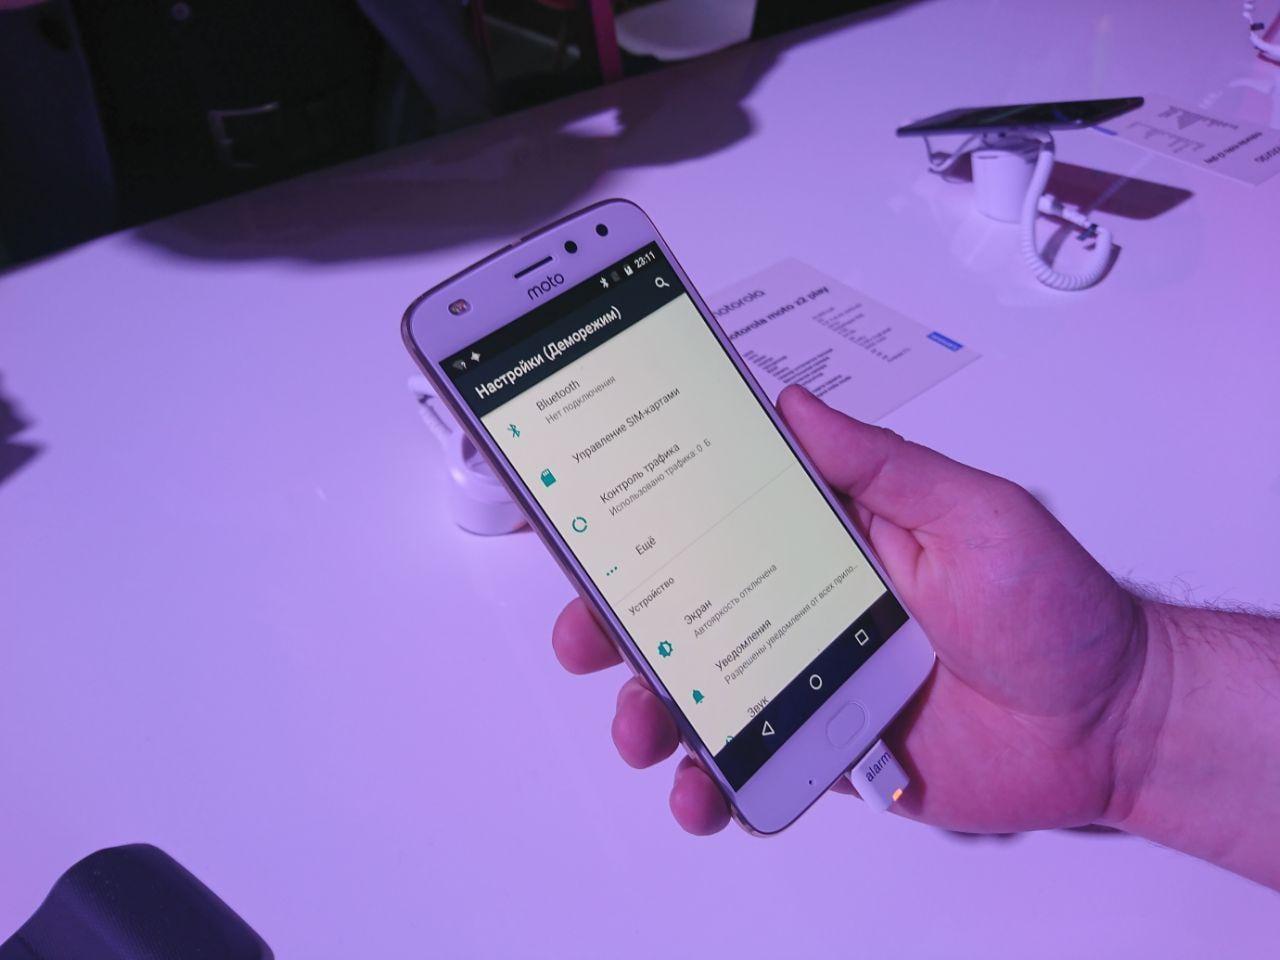 photo 2017 06 27 20 52 44 - Motorola Moto Z2 Play официально представлен в России